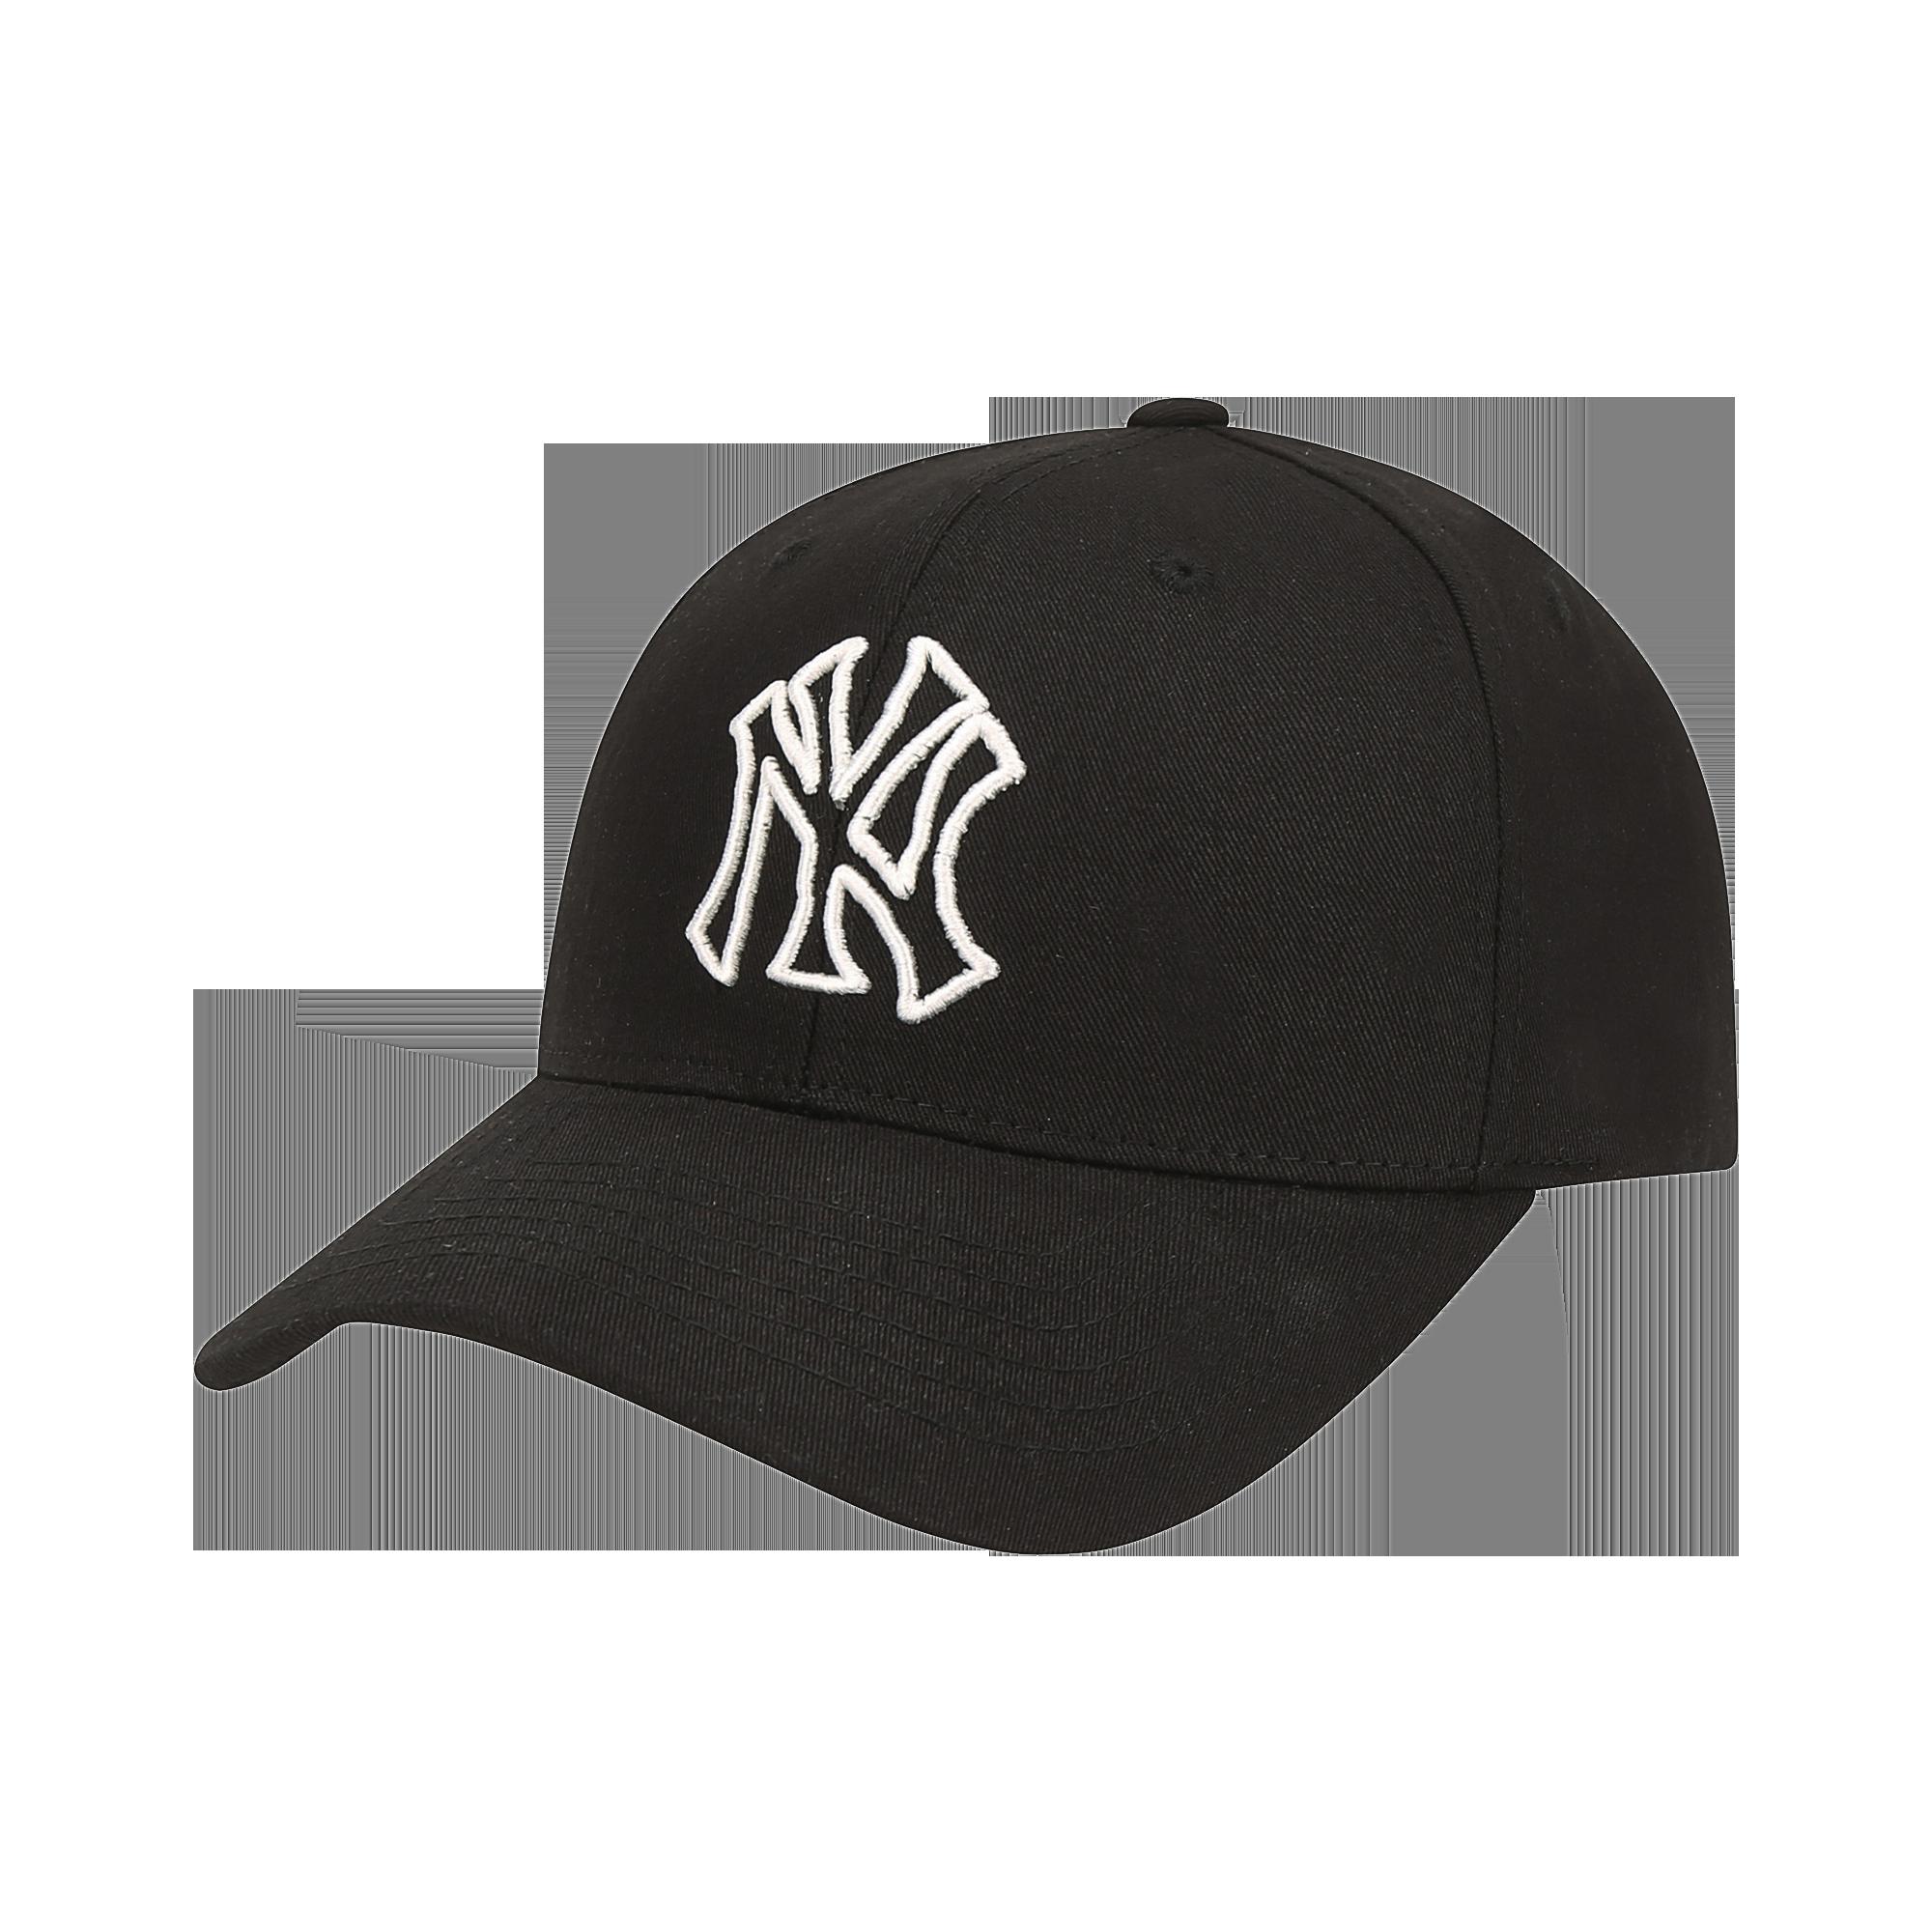 팝콘 MLB LIKE 커브조절캡 뉴욕양키스